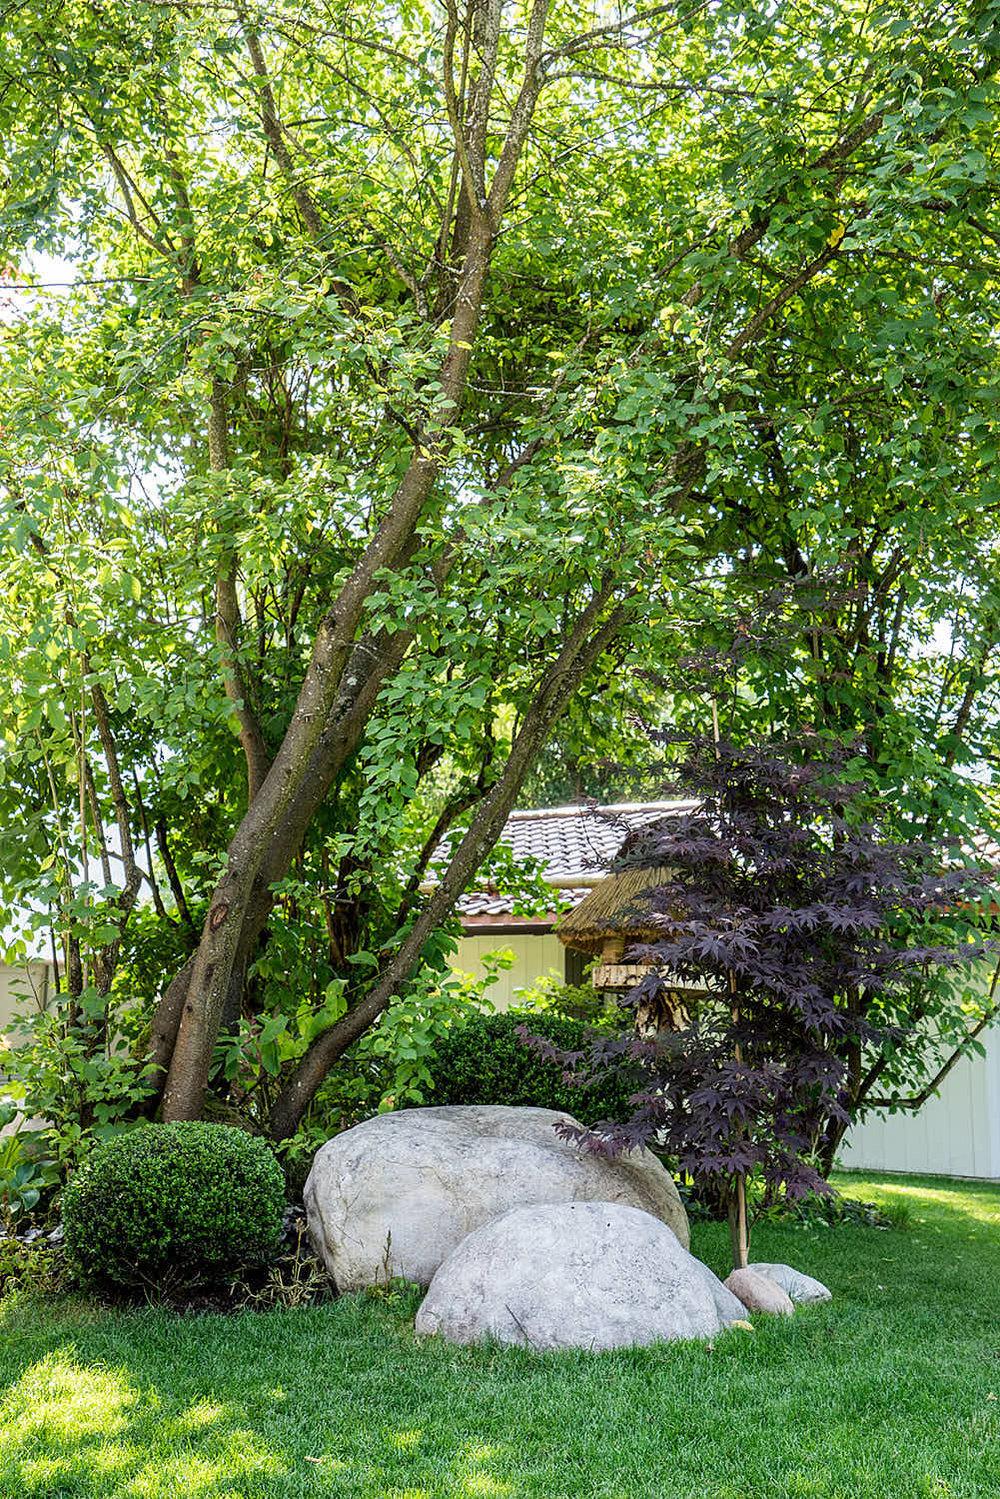 Epp-Gartenbau-Stein-132.jpg